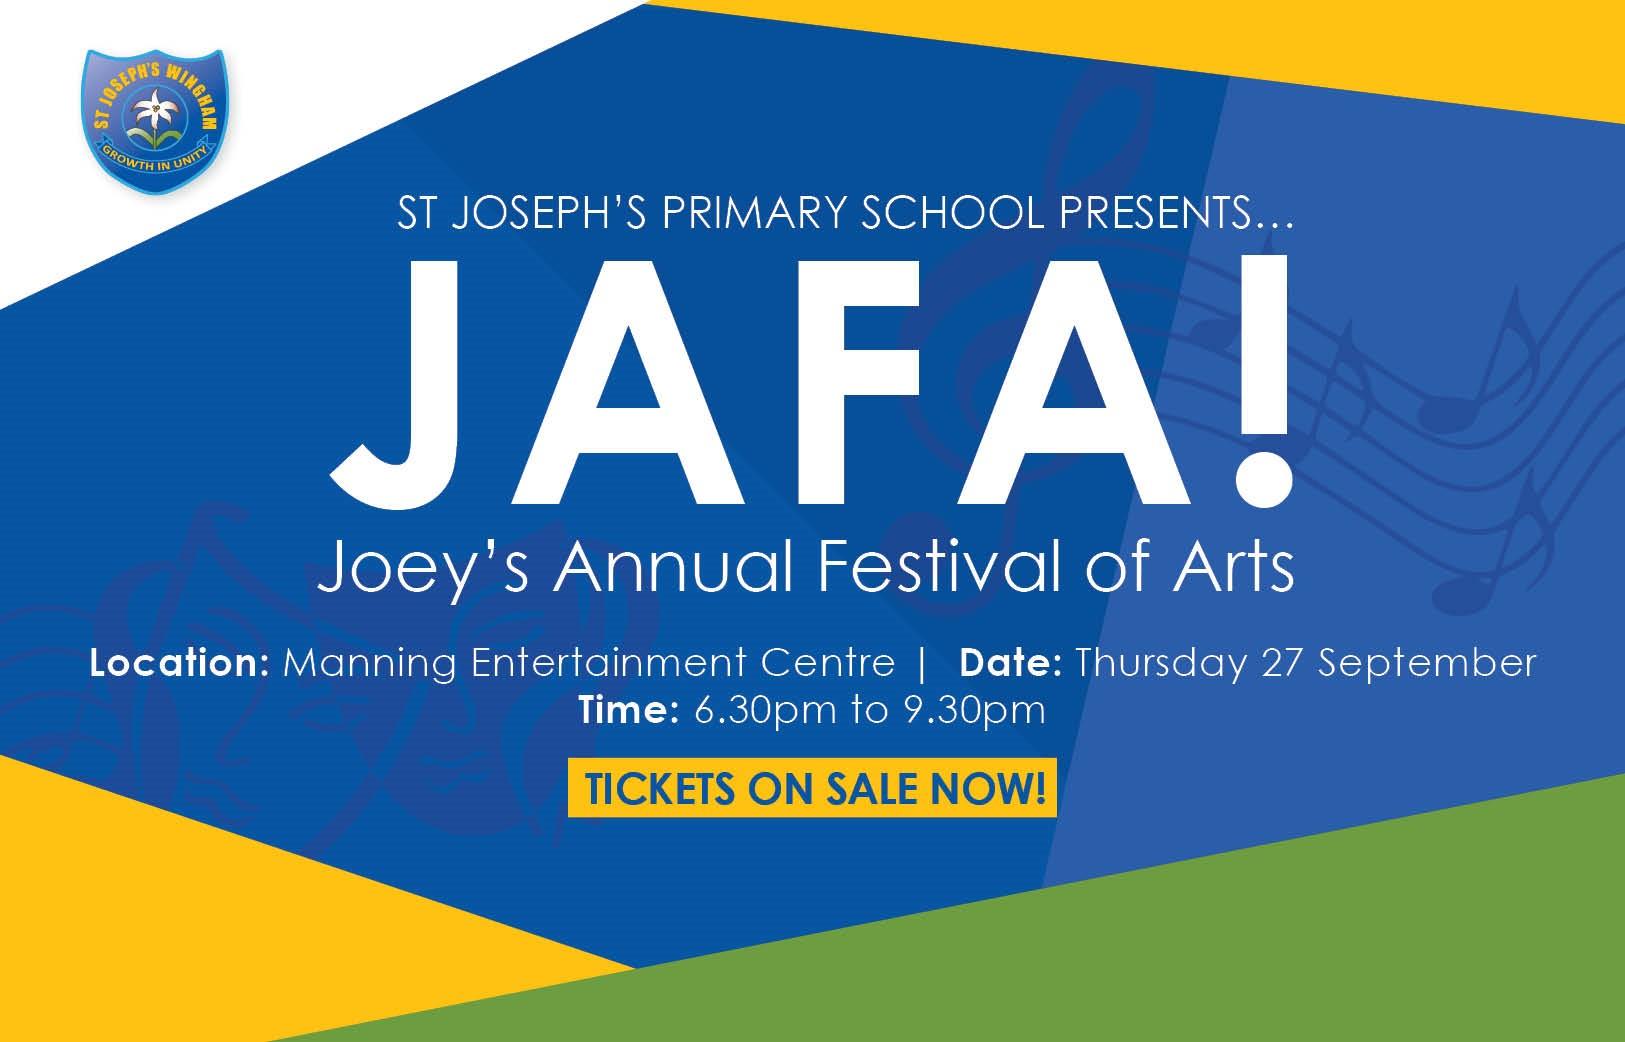 Image:St Joseph's Primary School presents… JAFA!